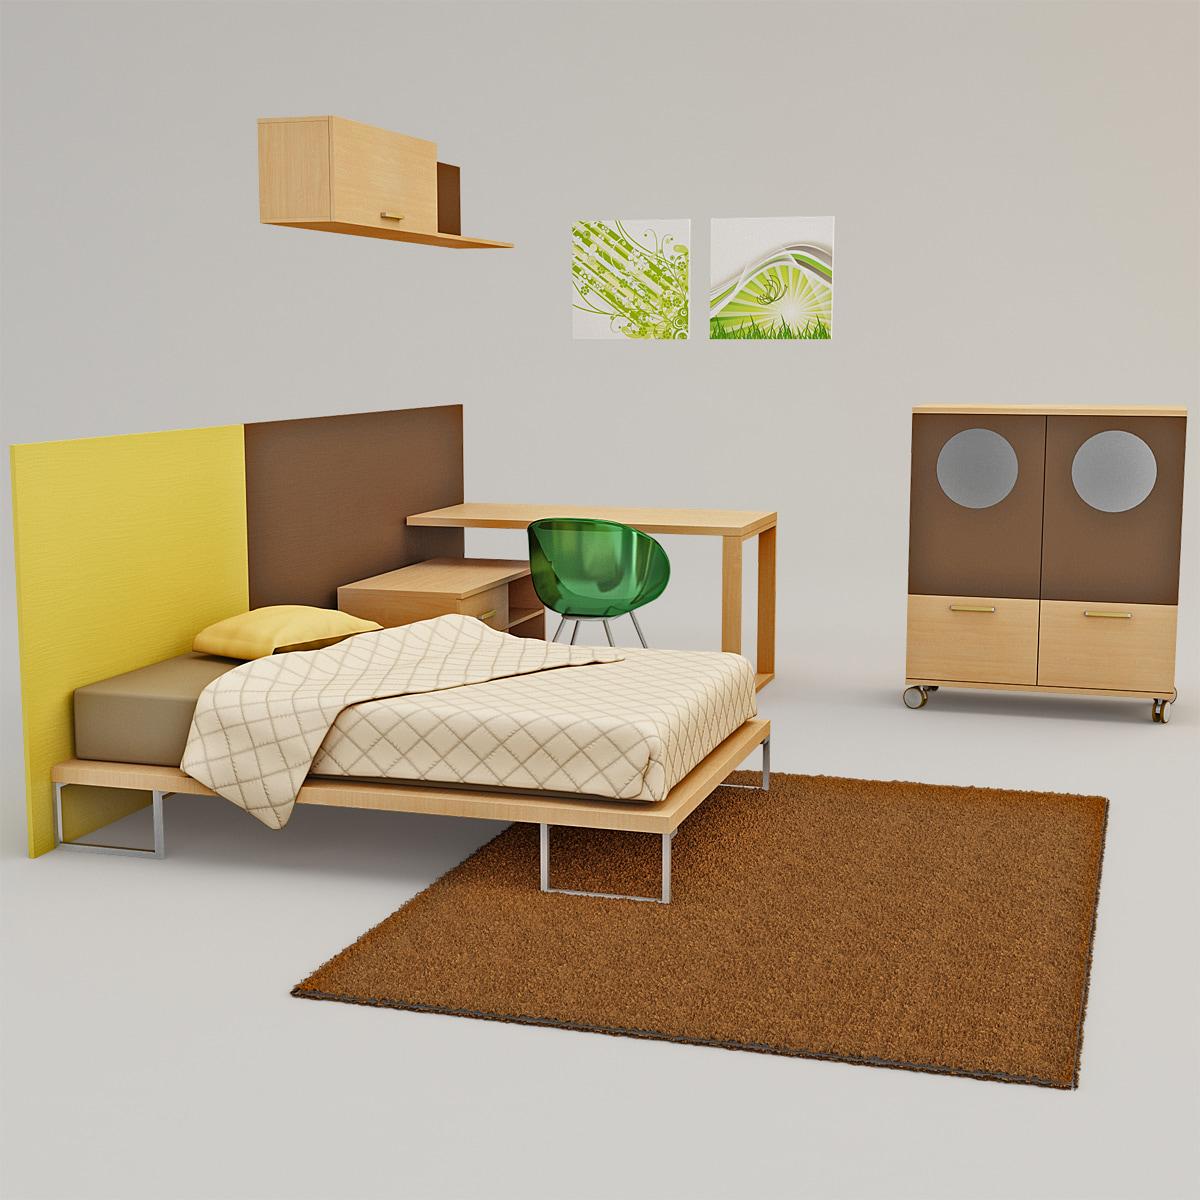 165856_Kids_Bedroom_Furniture_3_001.jpg